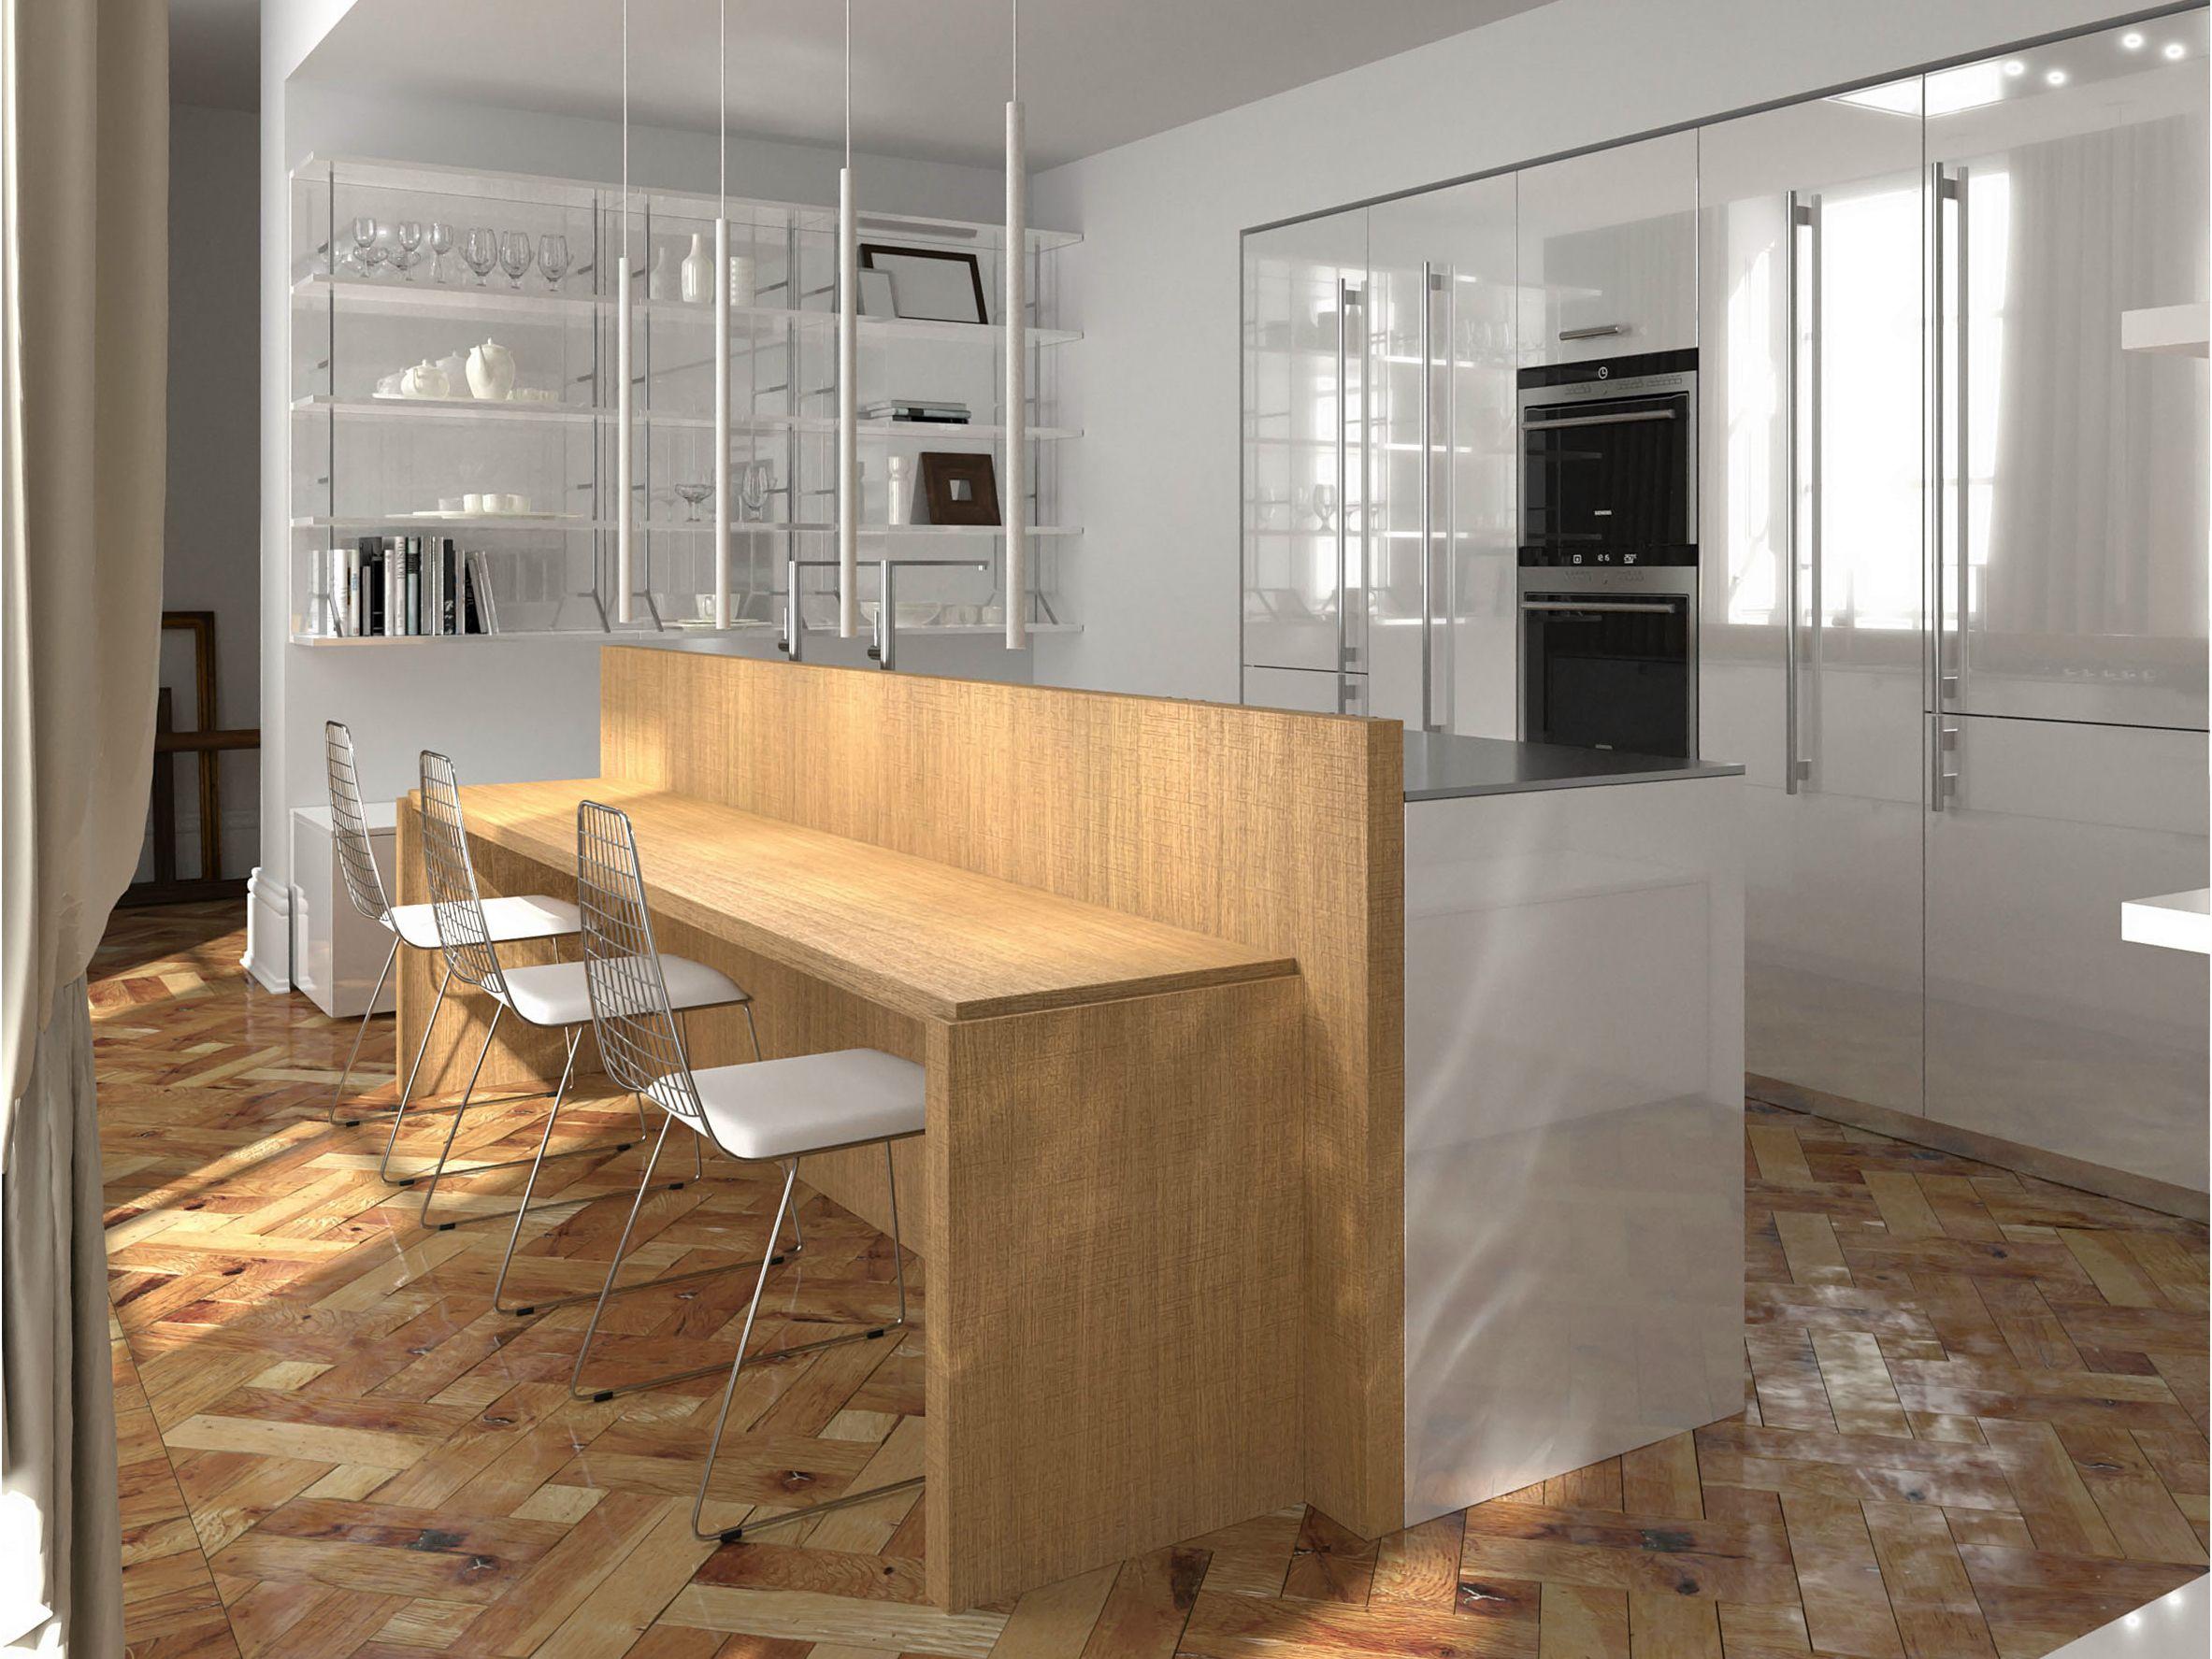 Cozinha lacada de carvalho NOBLESSE   Cozinha de carvalho Coleção Noblesse by Aster Cucine   design Lorenzo Granocchia